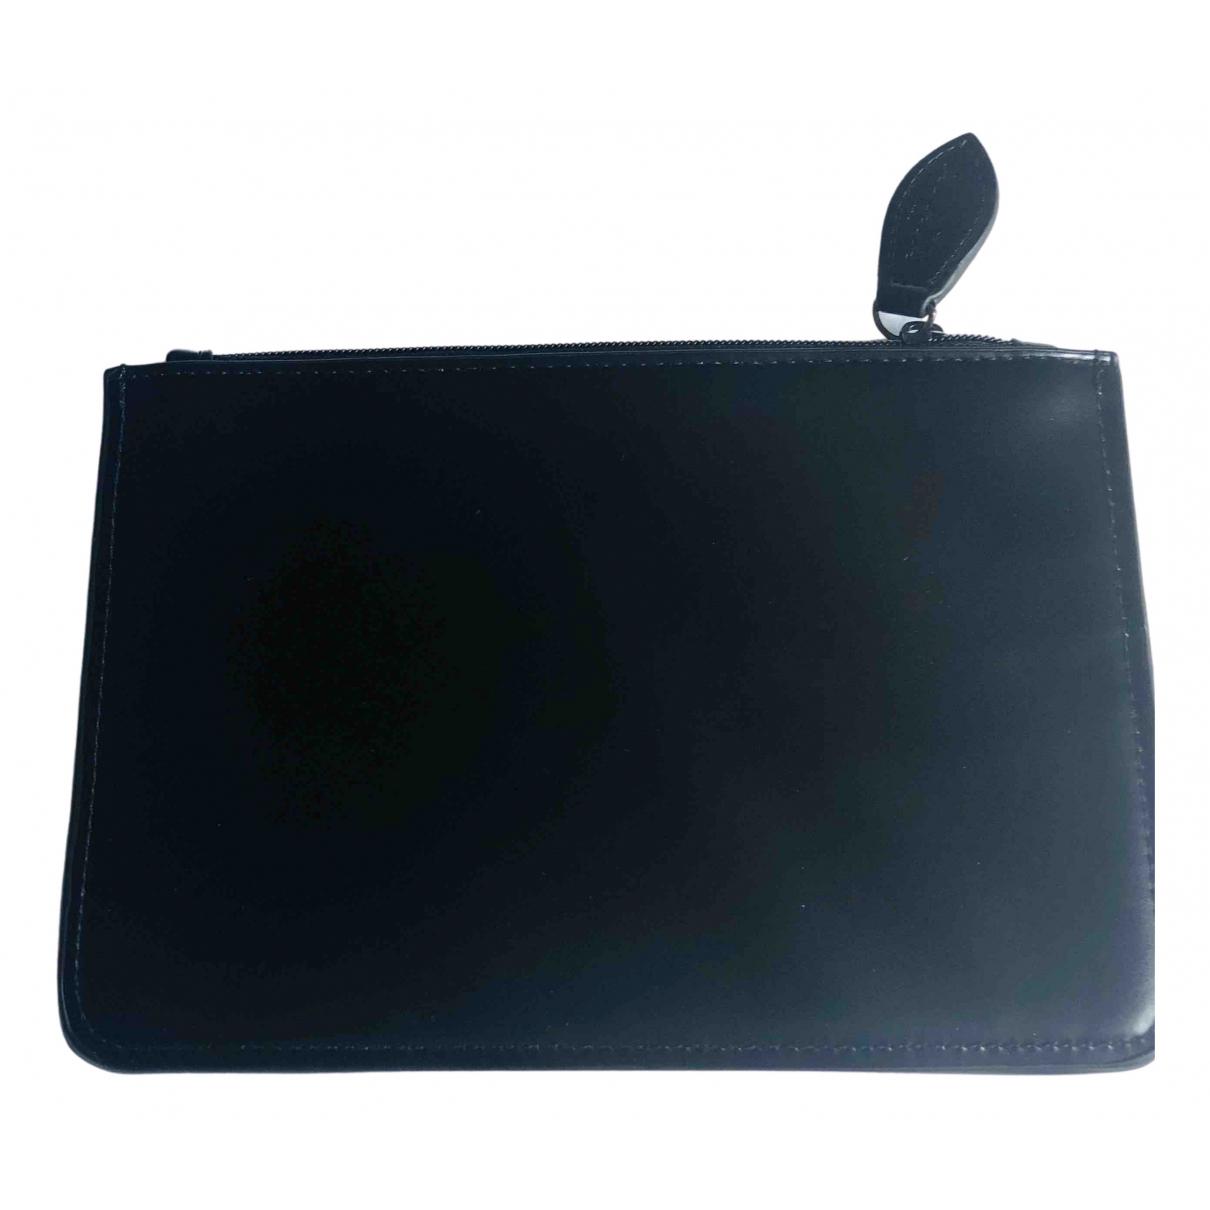 Alaia - Pochette   pour femme en cuir - noir